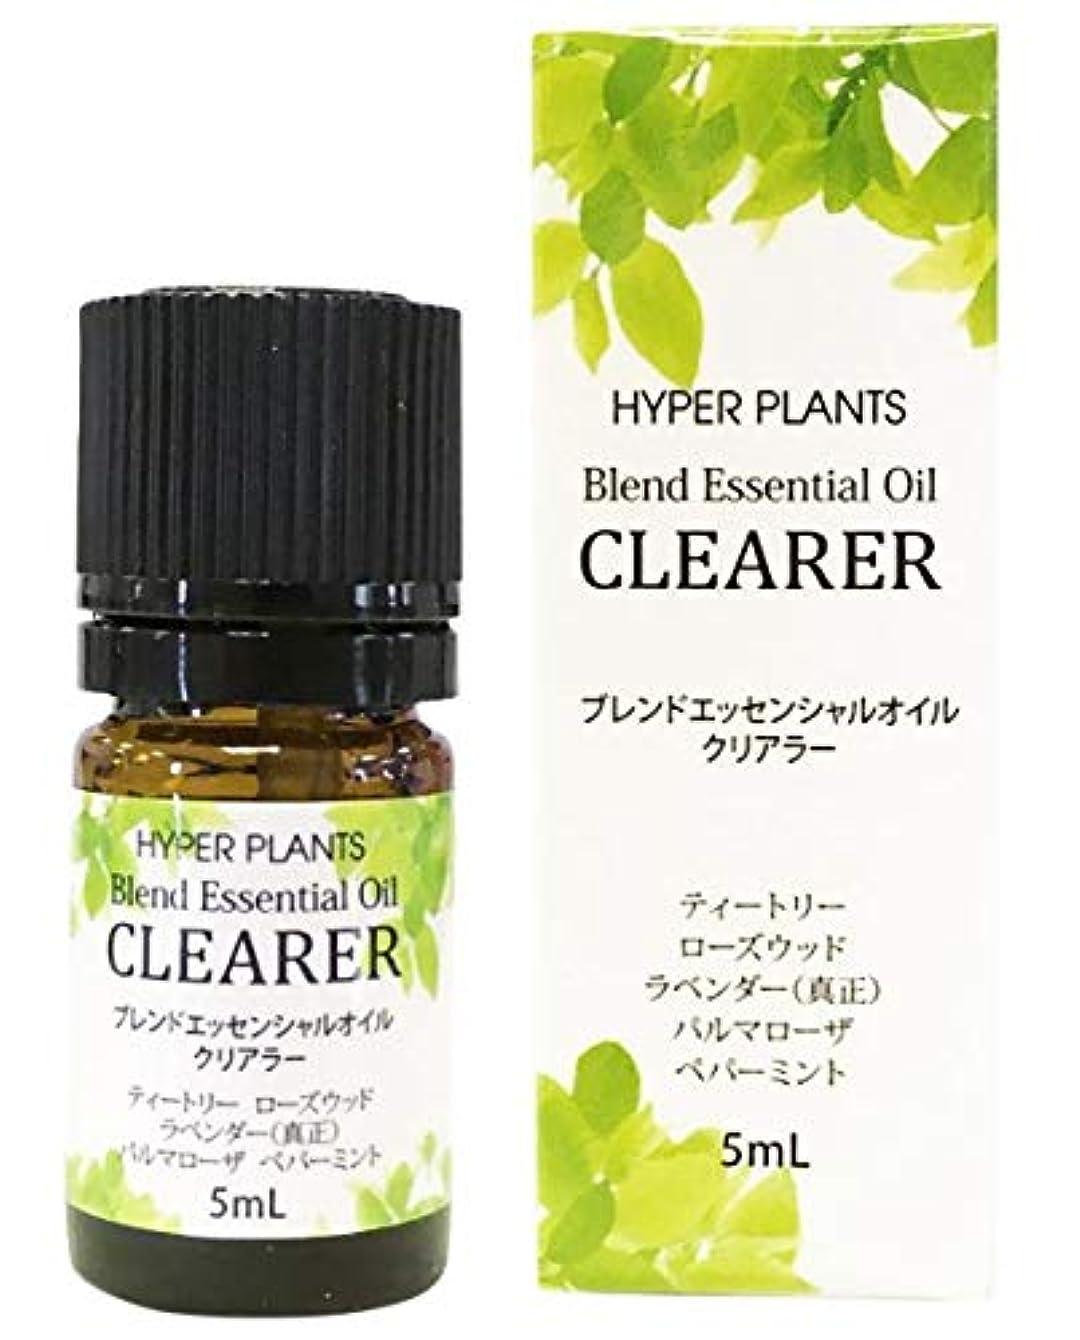 誰でも中級分泌するHYPER PLANTS ハイパープランツ ブレンドエッセンシャルオイル クリアラー 5ml